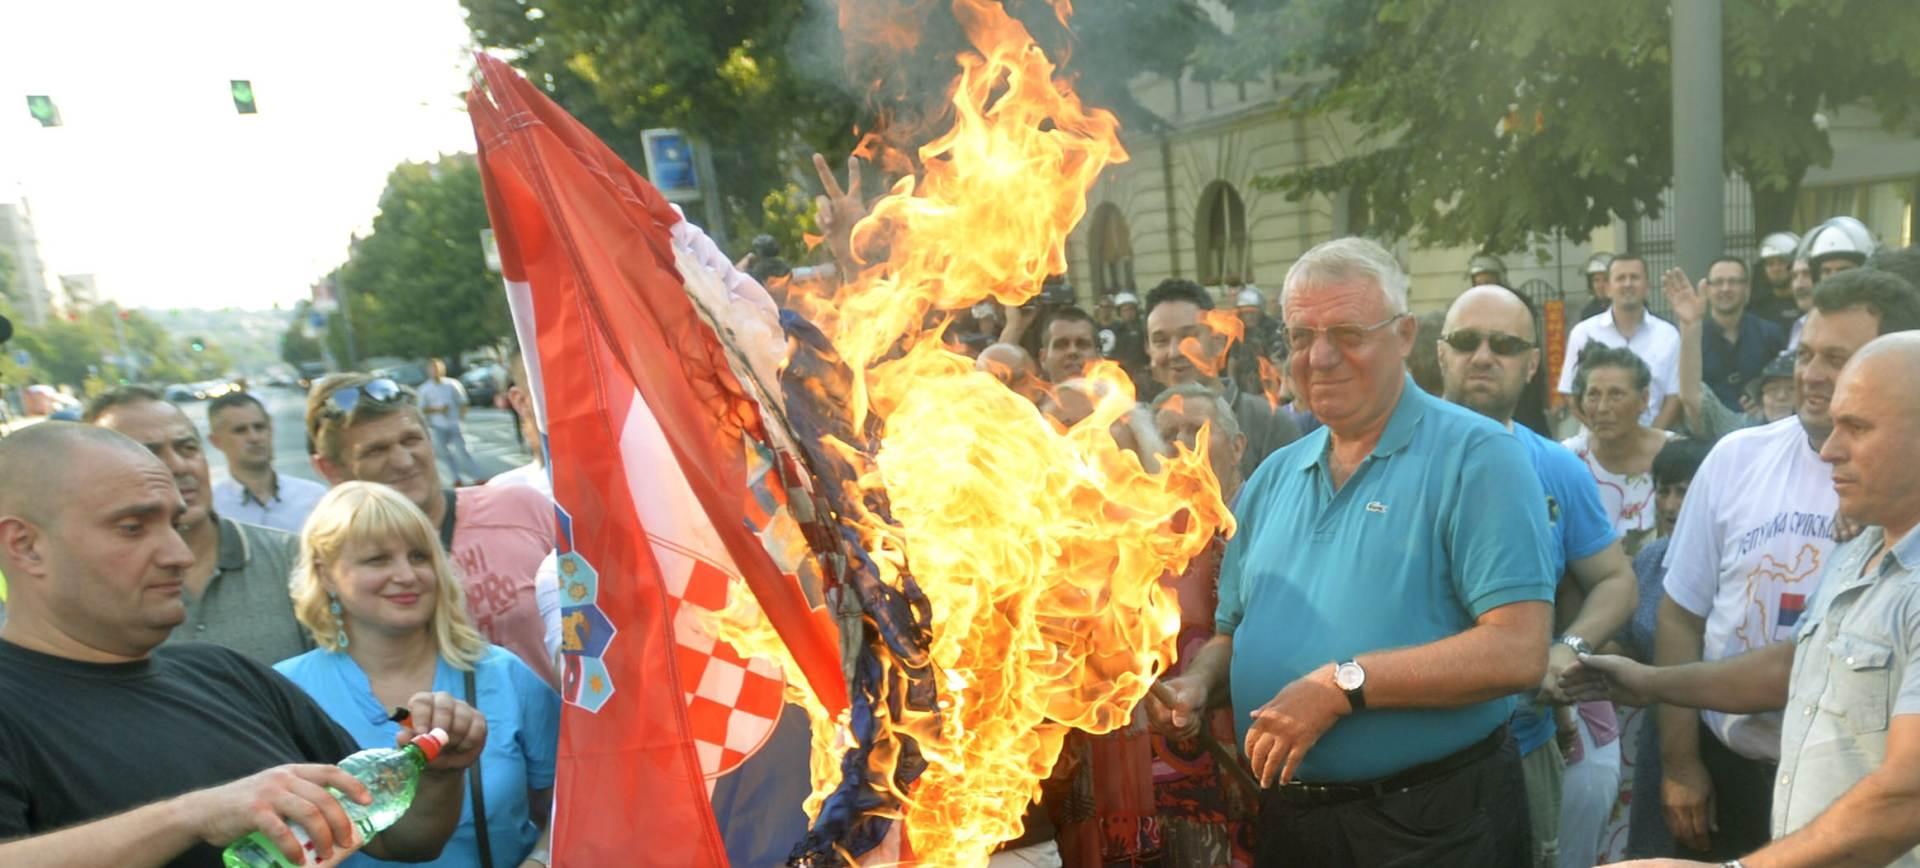 OŠTRA REAKCIJA MVEP-a Srbiji: Nedopustivo je da Šešelj neometano pali zastavu